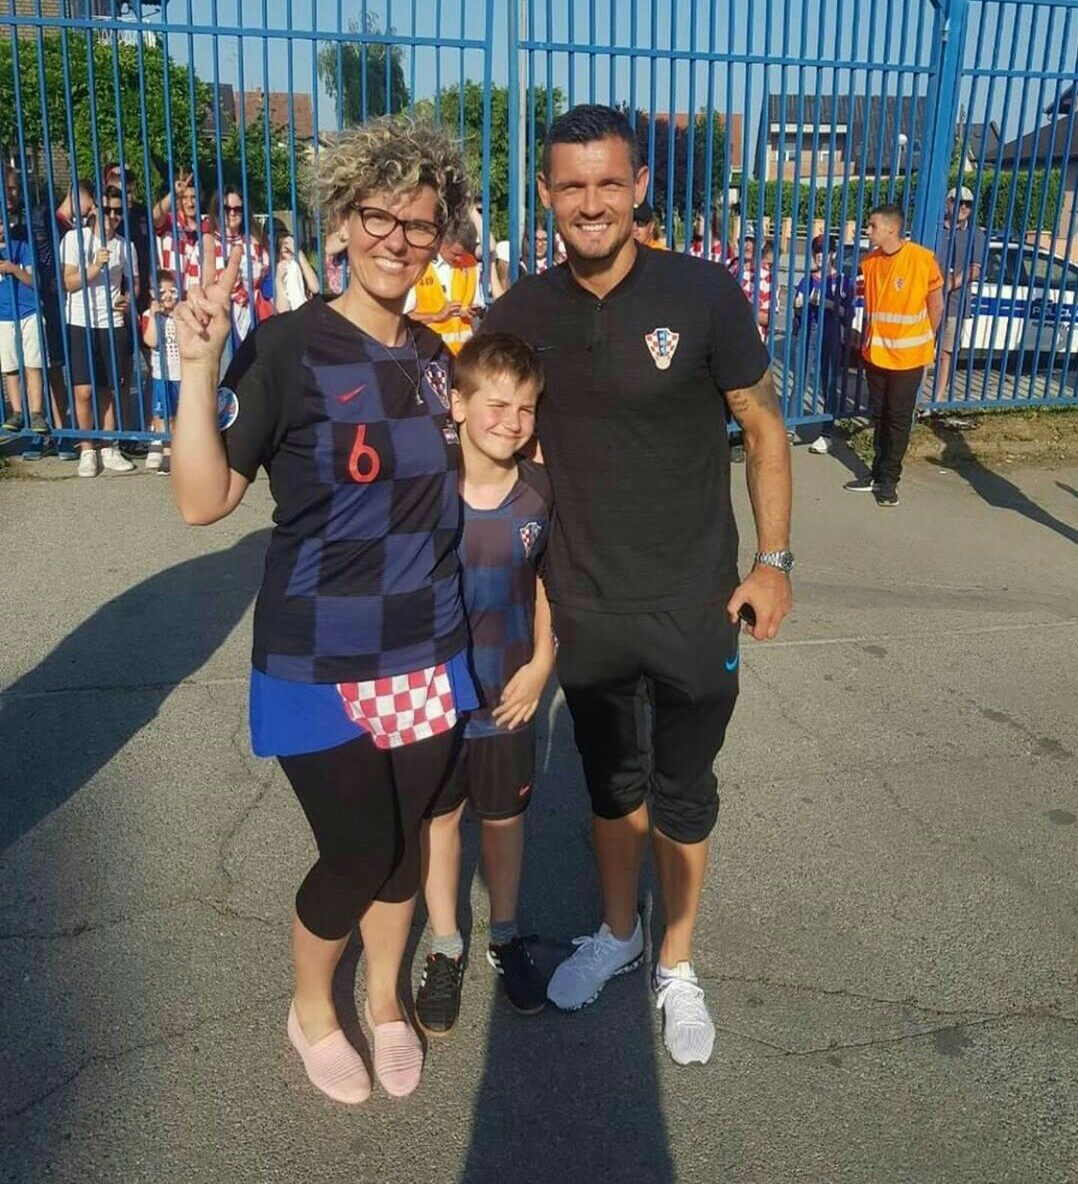 洛夫伦与球迷母子合照,发长文表达自己对球迷的感激之情